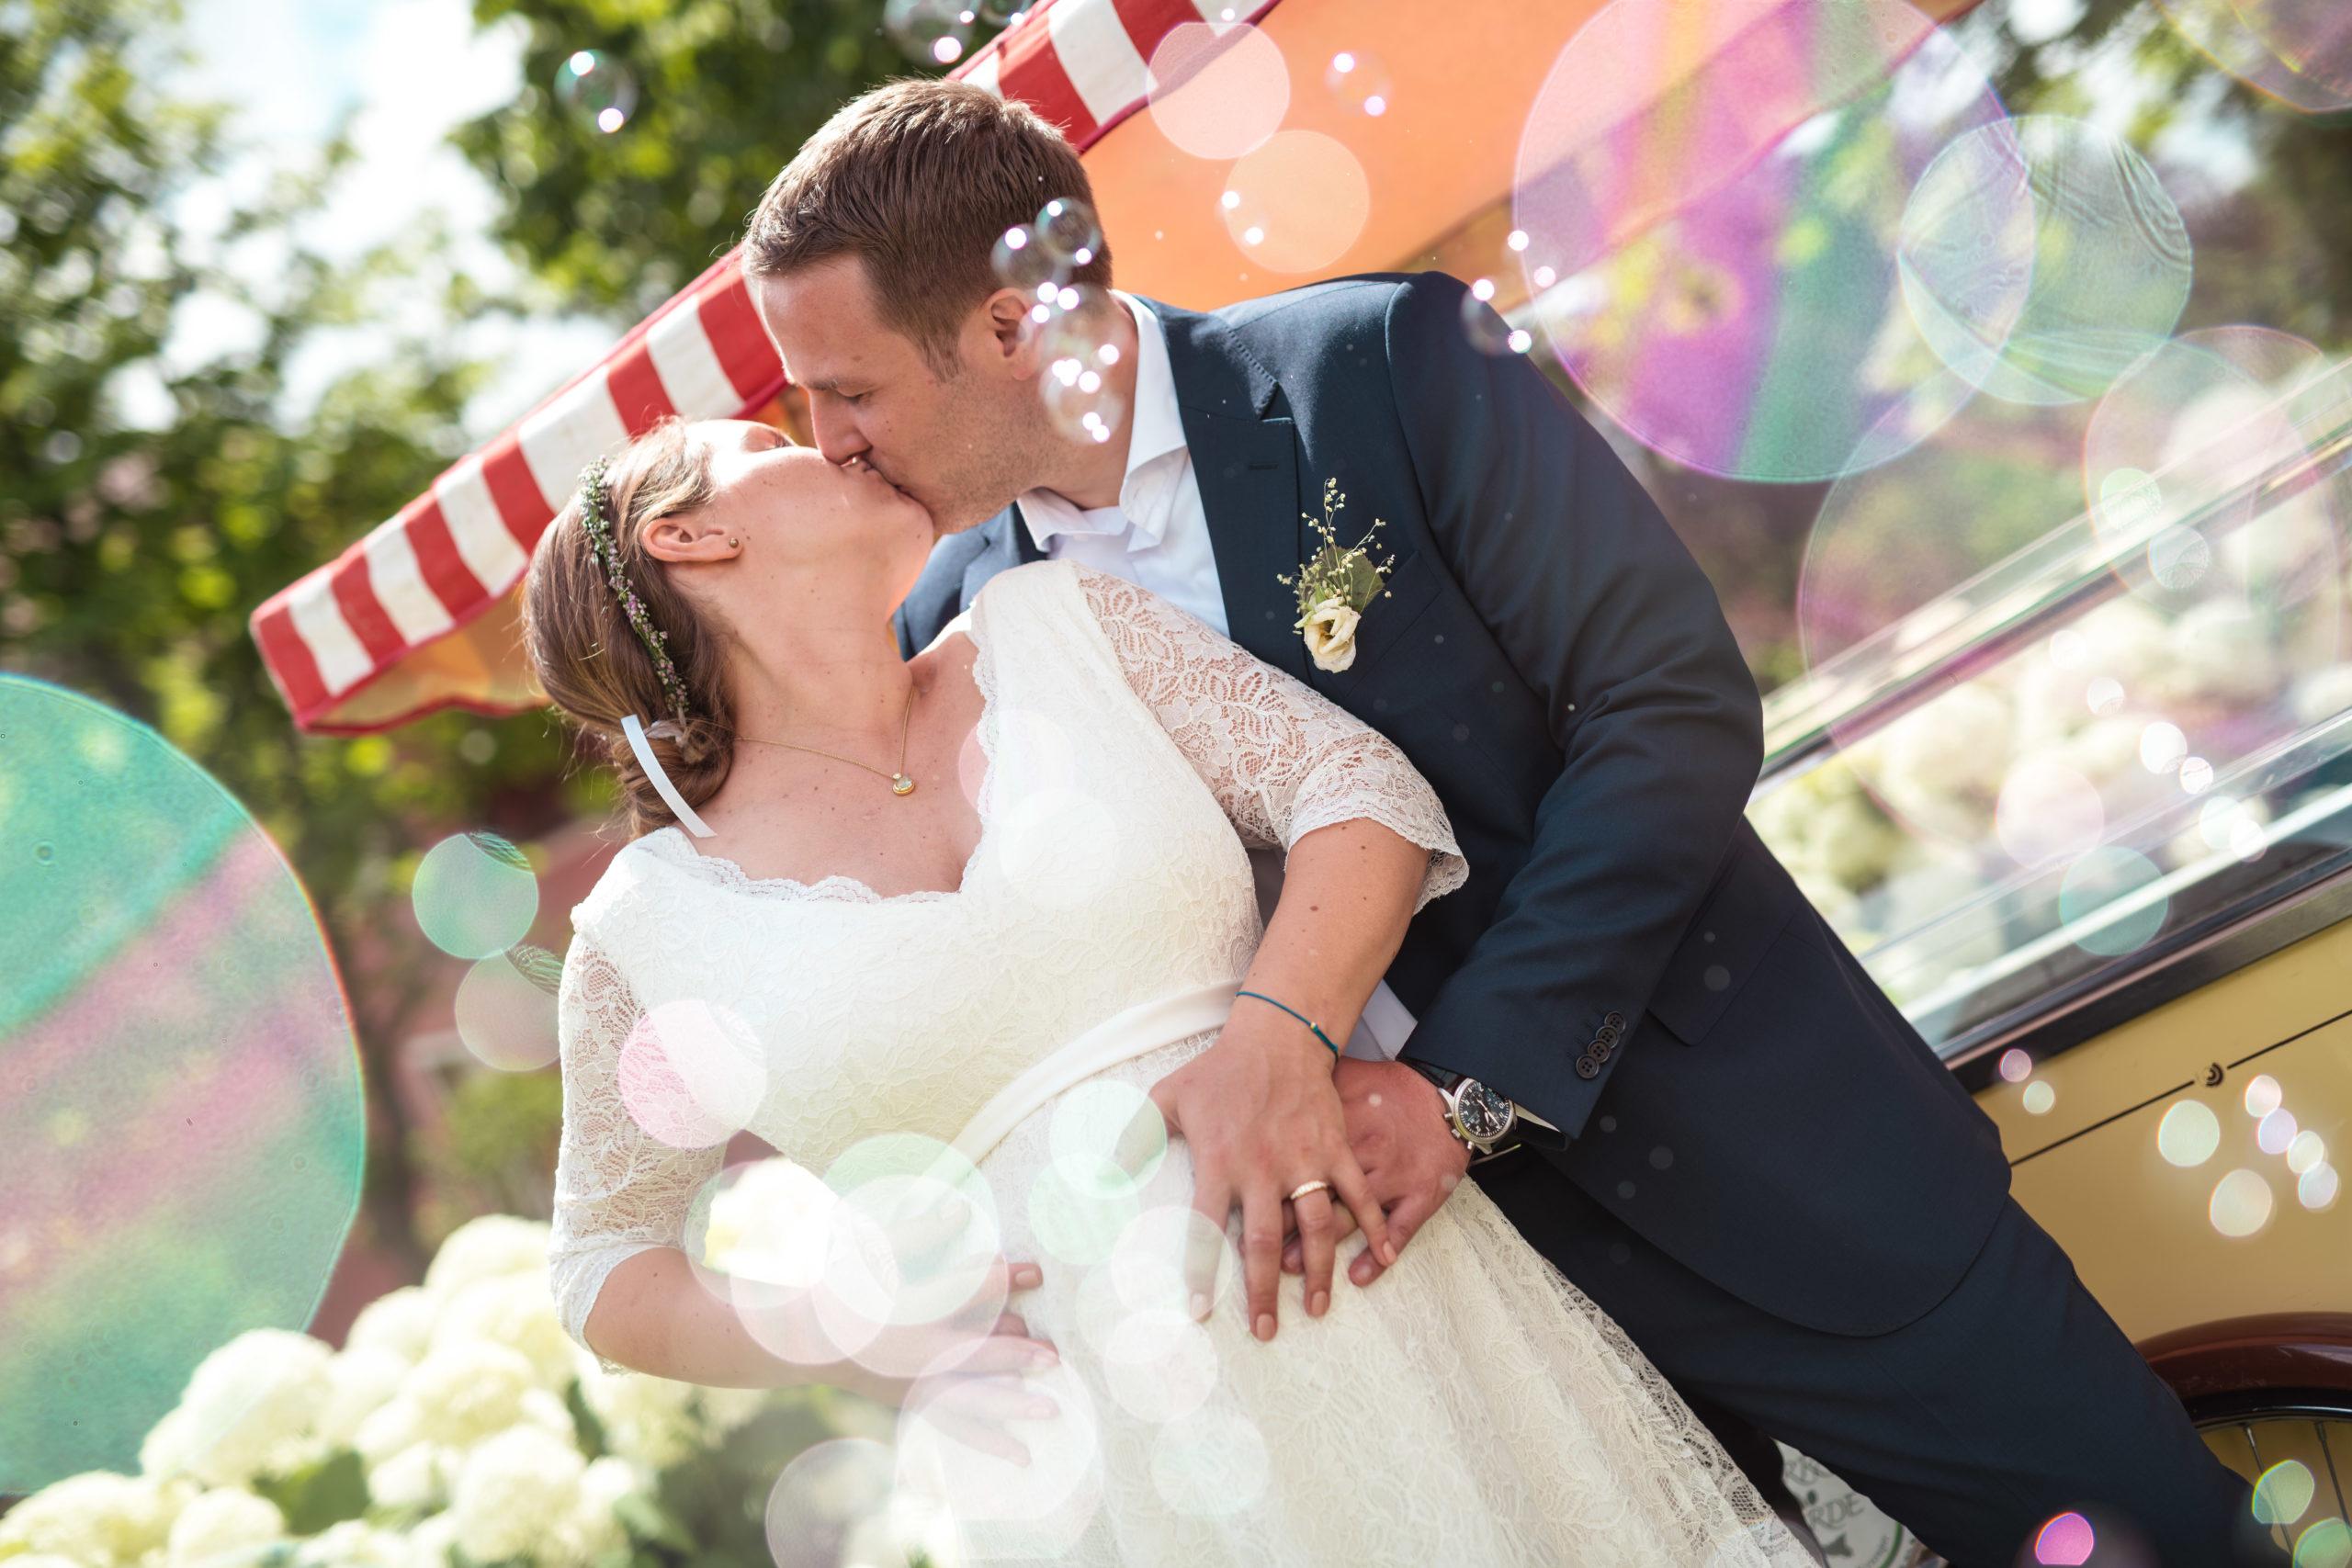 Hochzeitsfotograf Berlin - newpic.eu by Toni Kretschmer